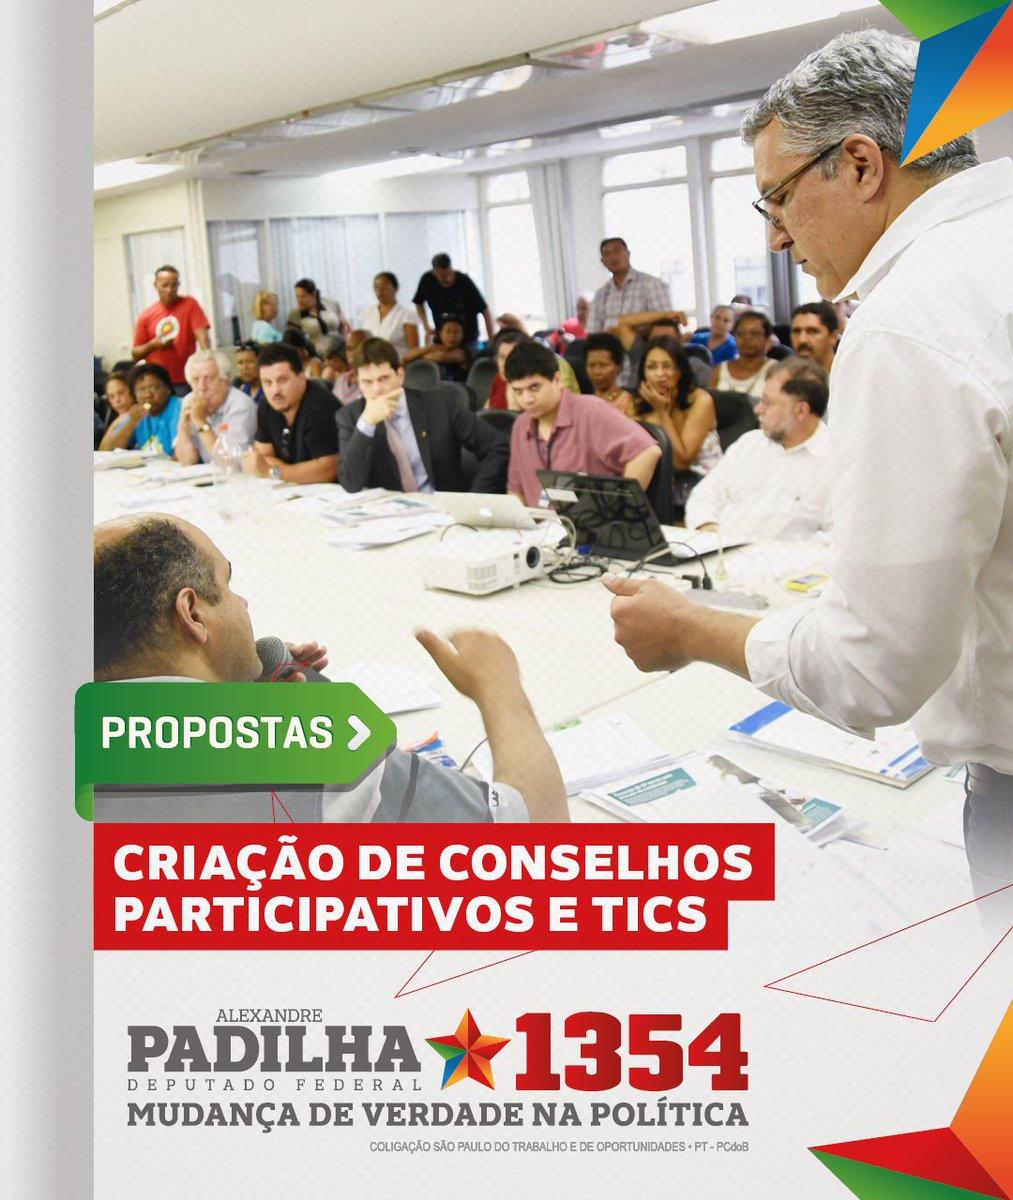 Como deputado federal, defenderei a aprovação de leis que obriguem a existência de conselhos participativos. Além disso, lutarei pelo uso de TICs (Tecnologia de Informação e Comunicação). Vamos lutar por um Brasil feliz de novo. #HaddadÉLula #Padilha1354 #MudançaDeVerdade